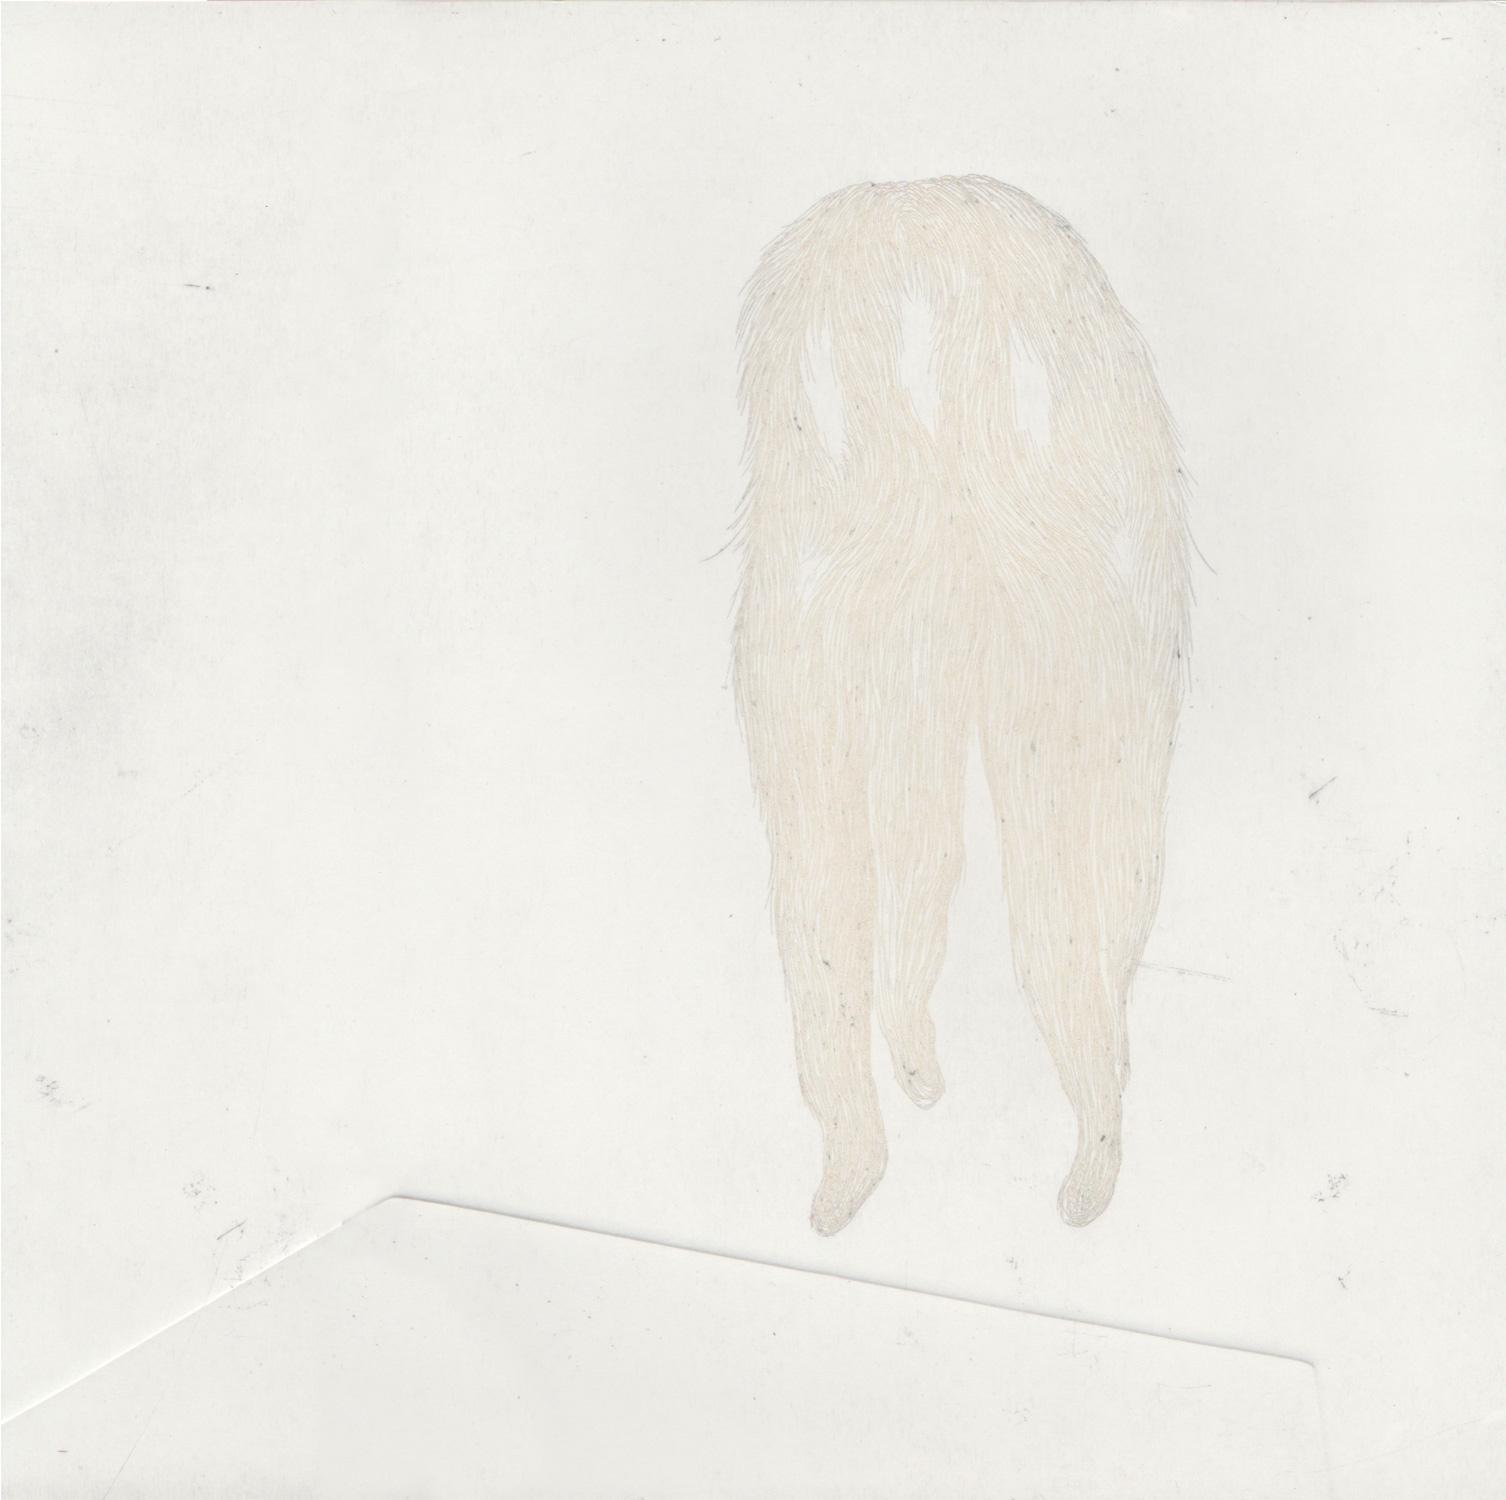 <i>blanc</i>, édition encrage, 2015 - gravure, eau-forte